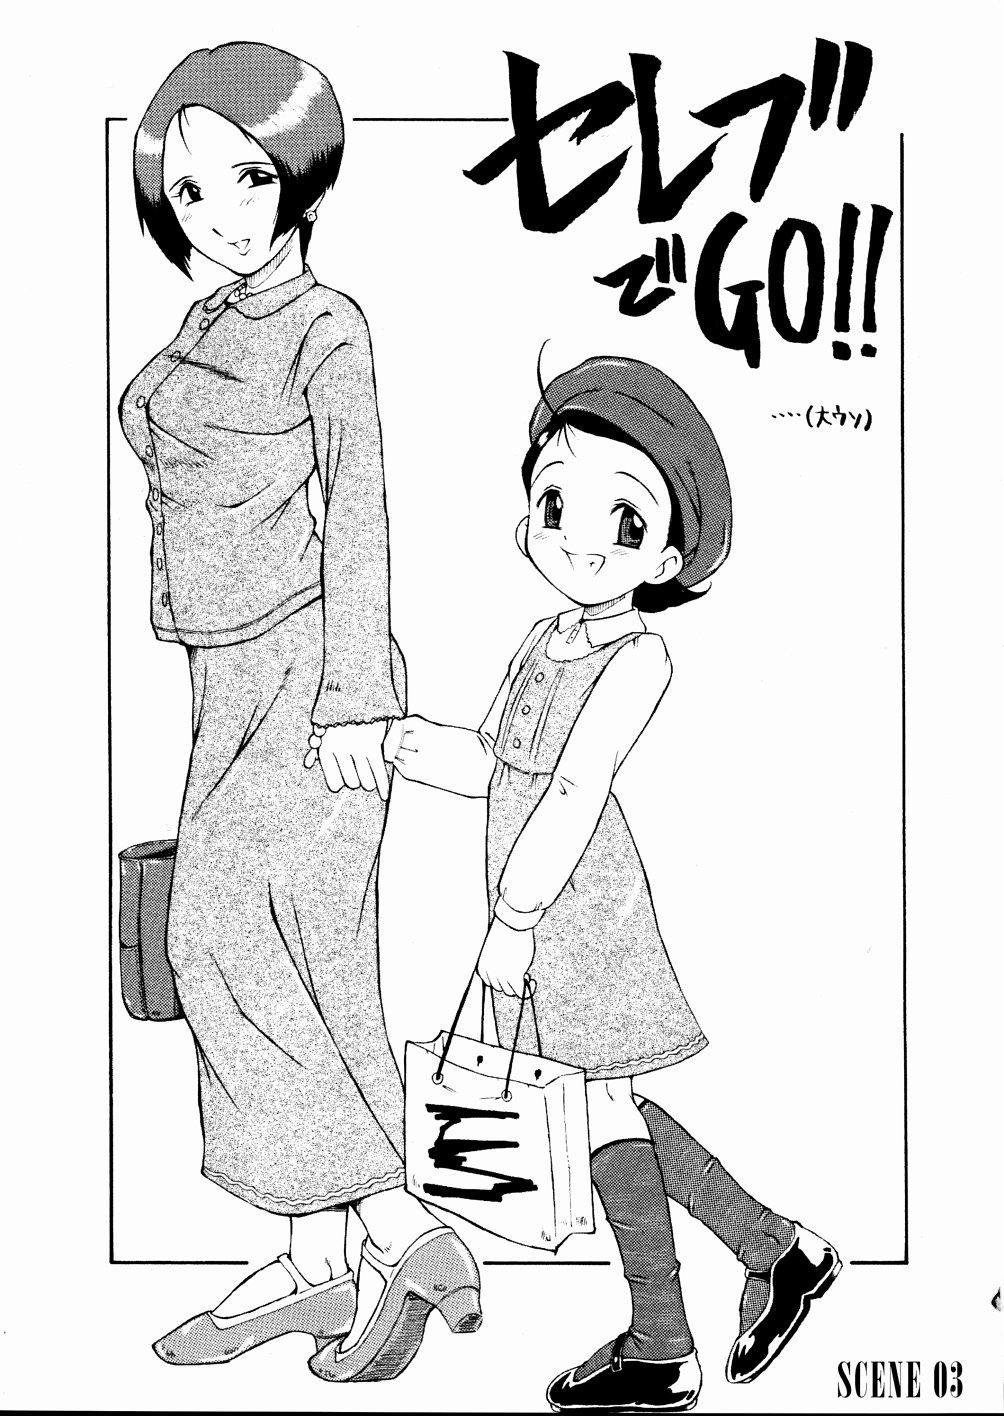 Urabambi Vol. 20 - Adesugata Naniwa Musume 20